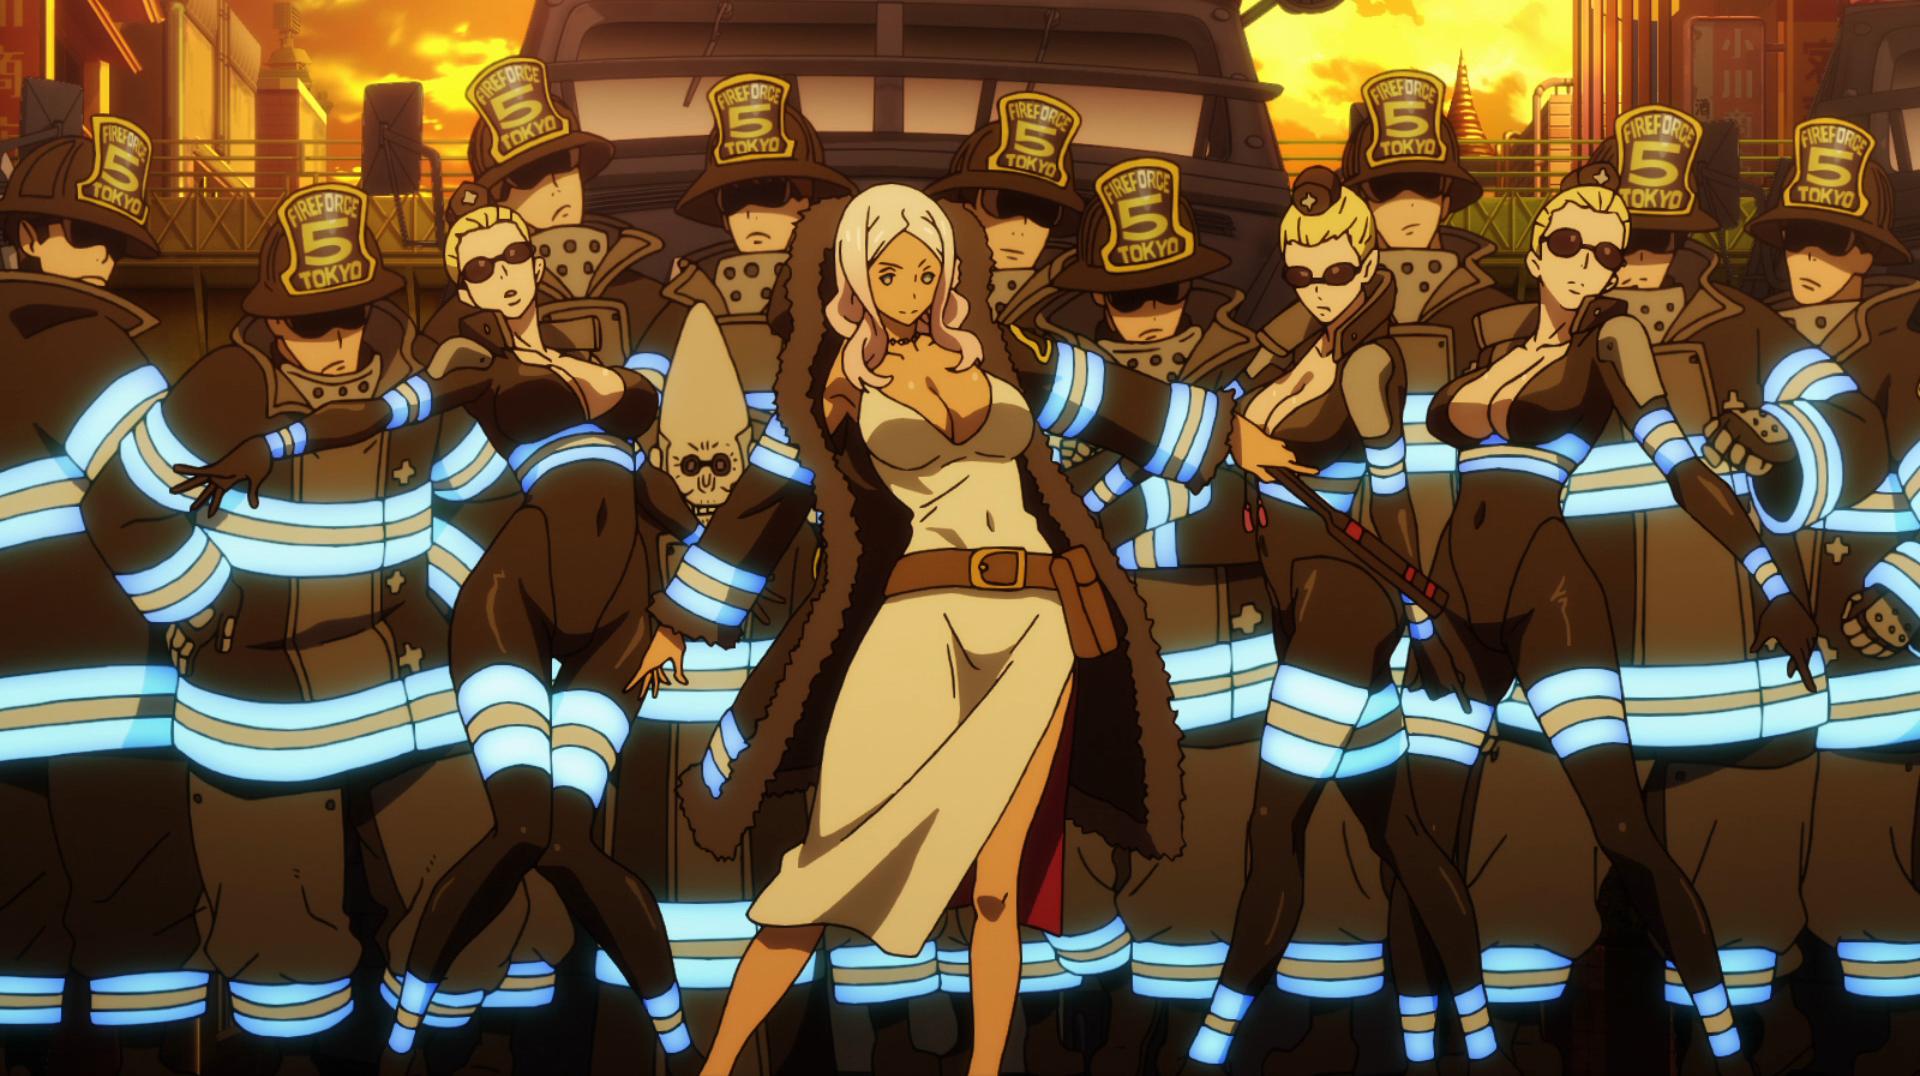 Category 1080p Hd Screenshots Fire Force Wiki Fandom Published by june 12, 2020. category 1080p hd screenshots fire